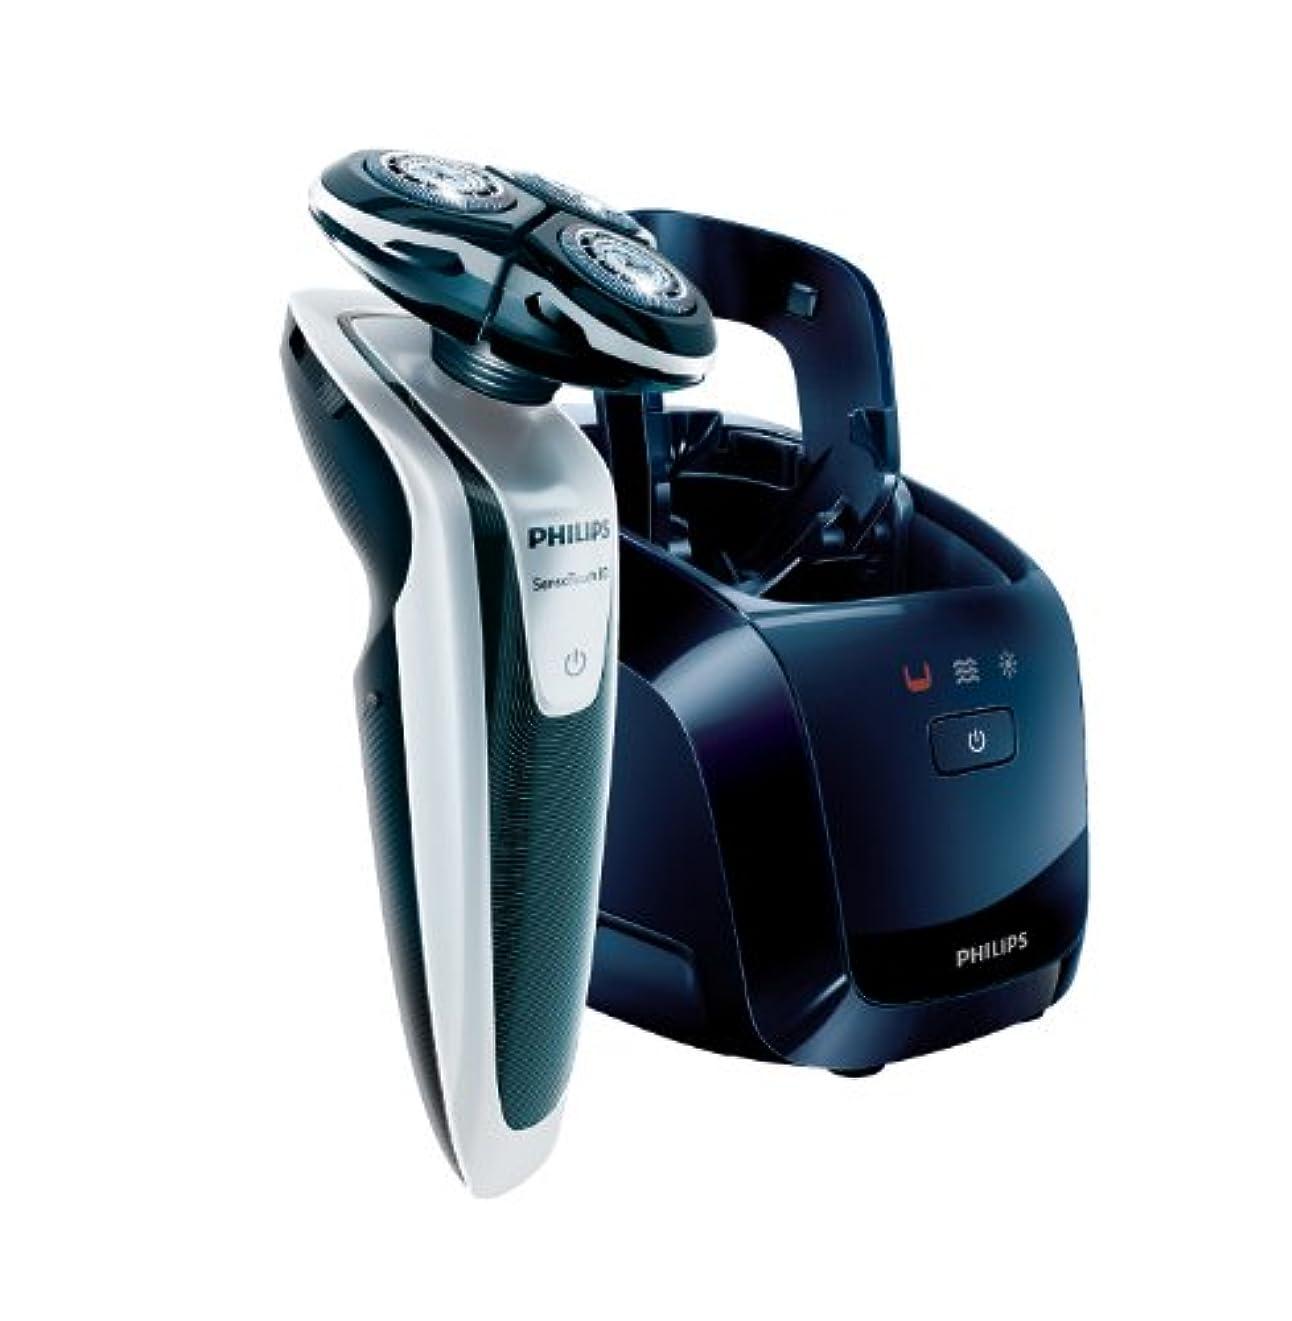 不完全始めるのフィリップス シェーバー センソタッチ3D【洗浄充電器付】RQ1251CC